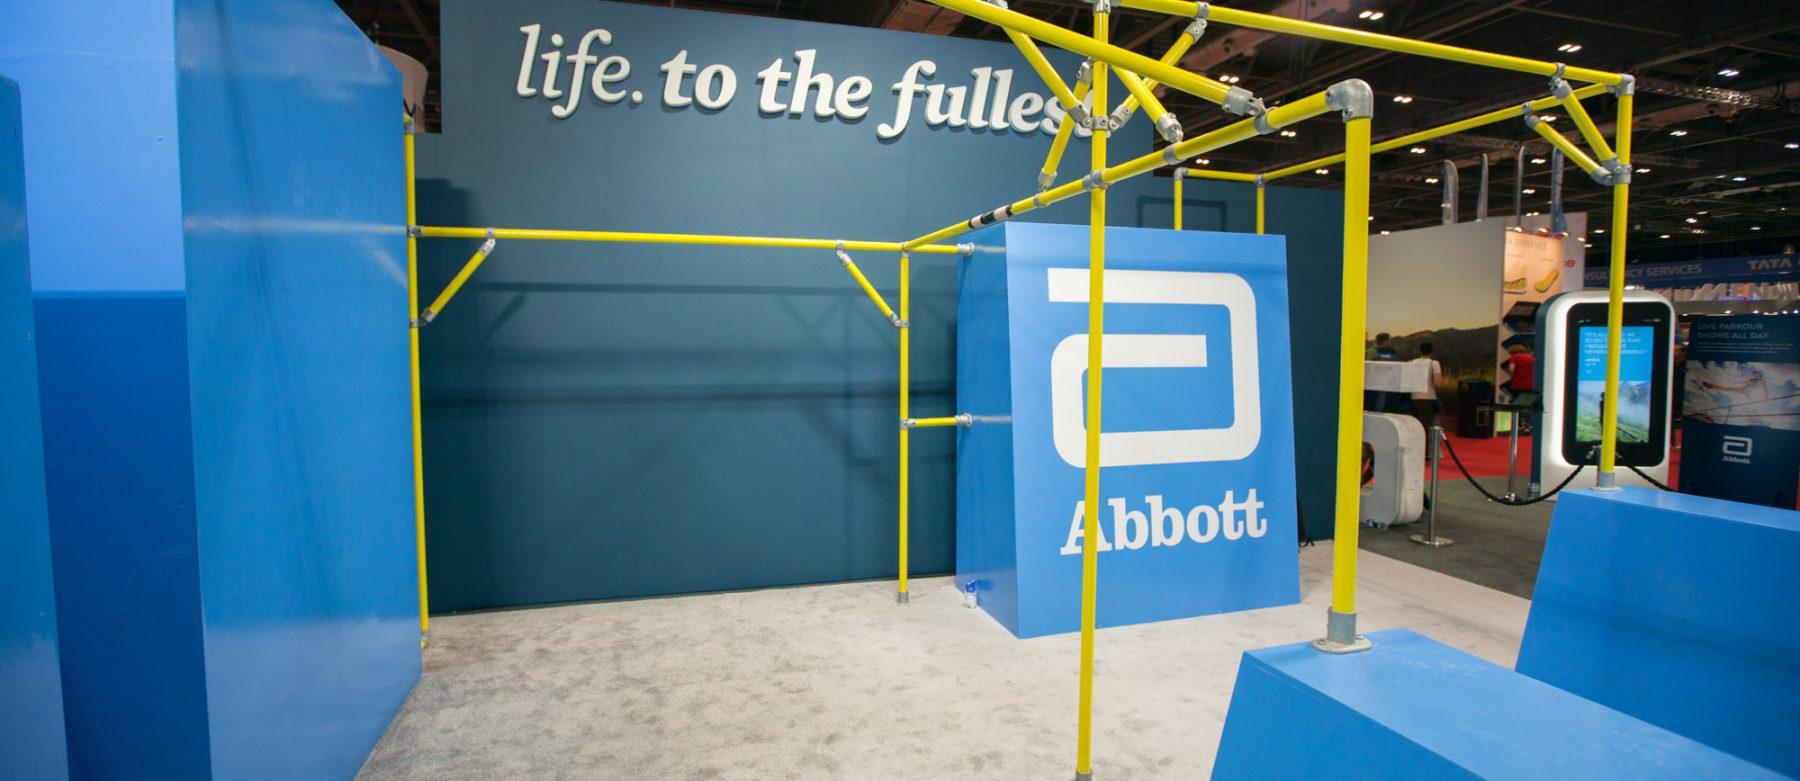 Abbott Global Healthcare - Scott Bass - Parkour Director